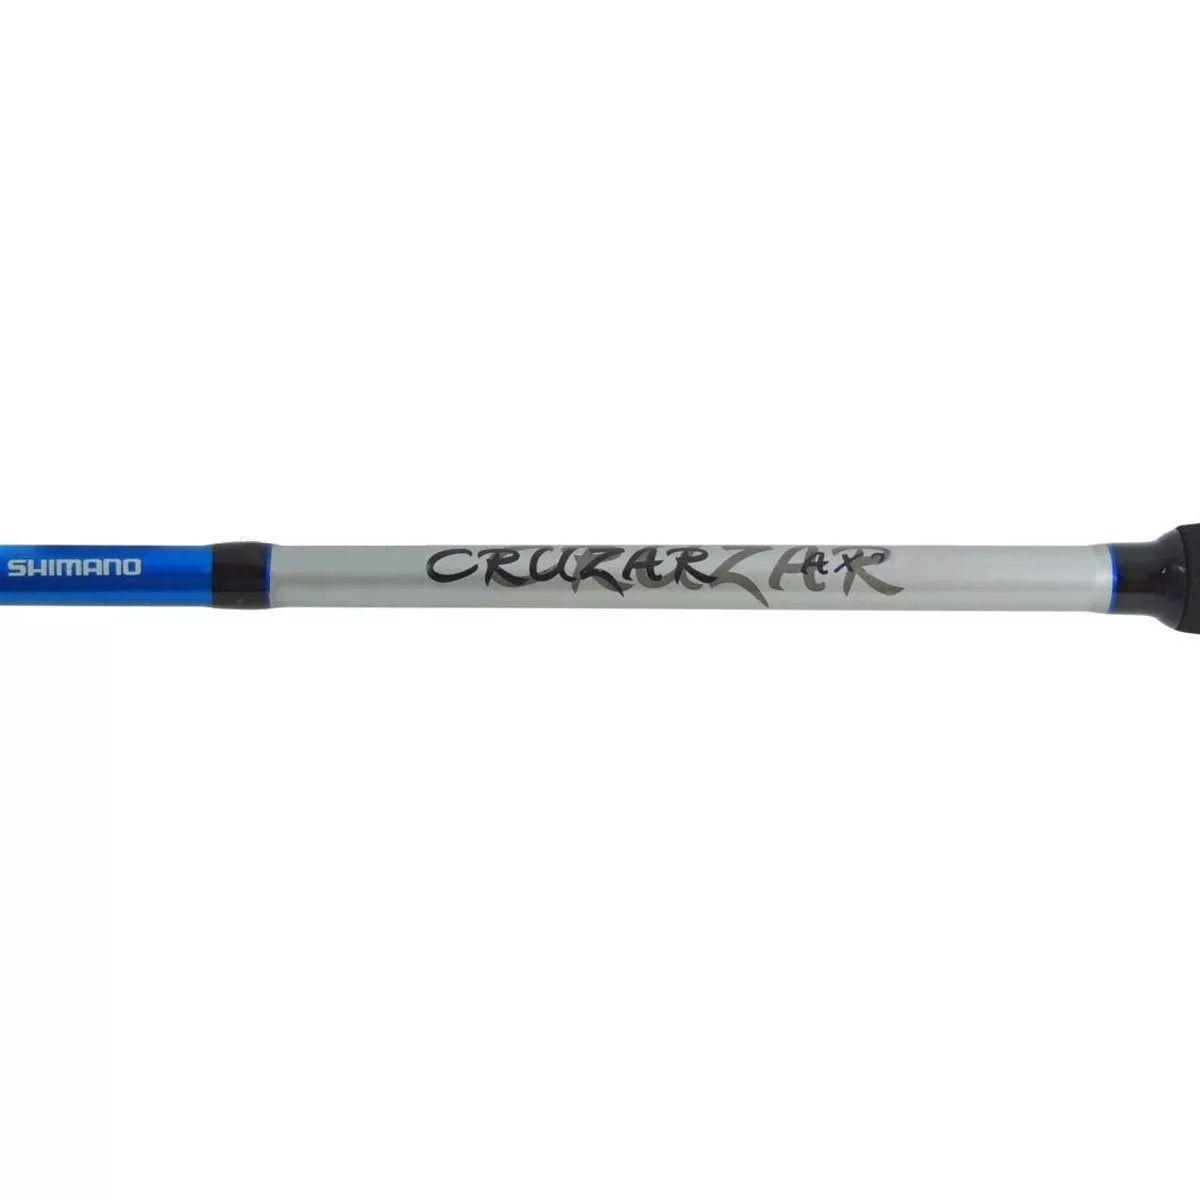 Vara Pesca Molinete Shimano Cruzar 2662 1,98m 10-20 Lbs 2 Partes Azul